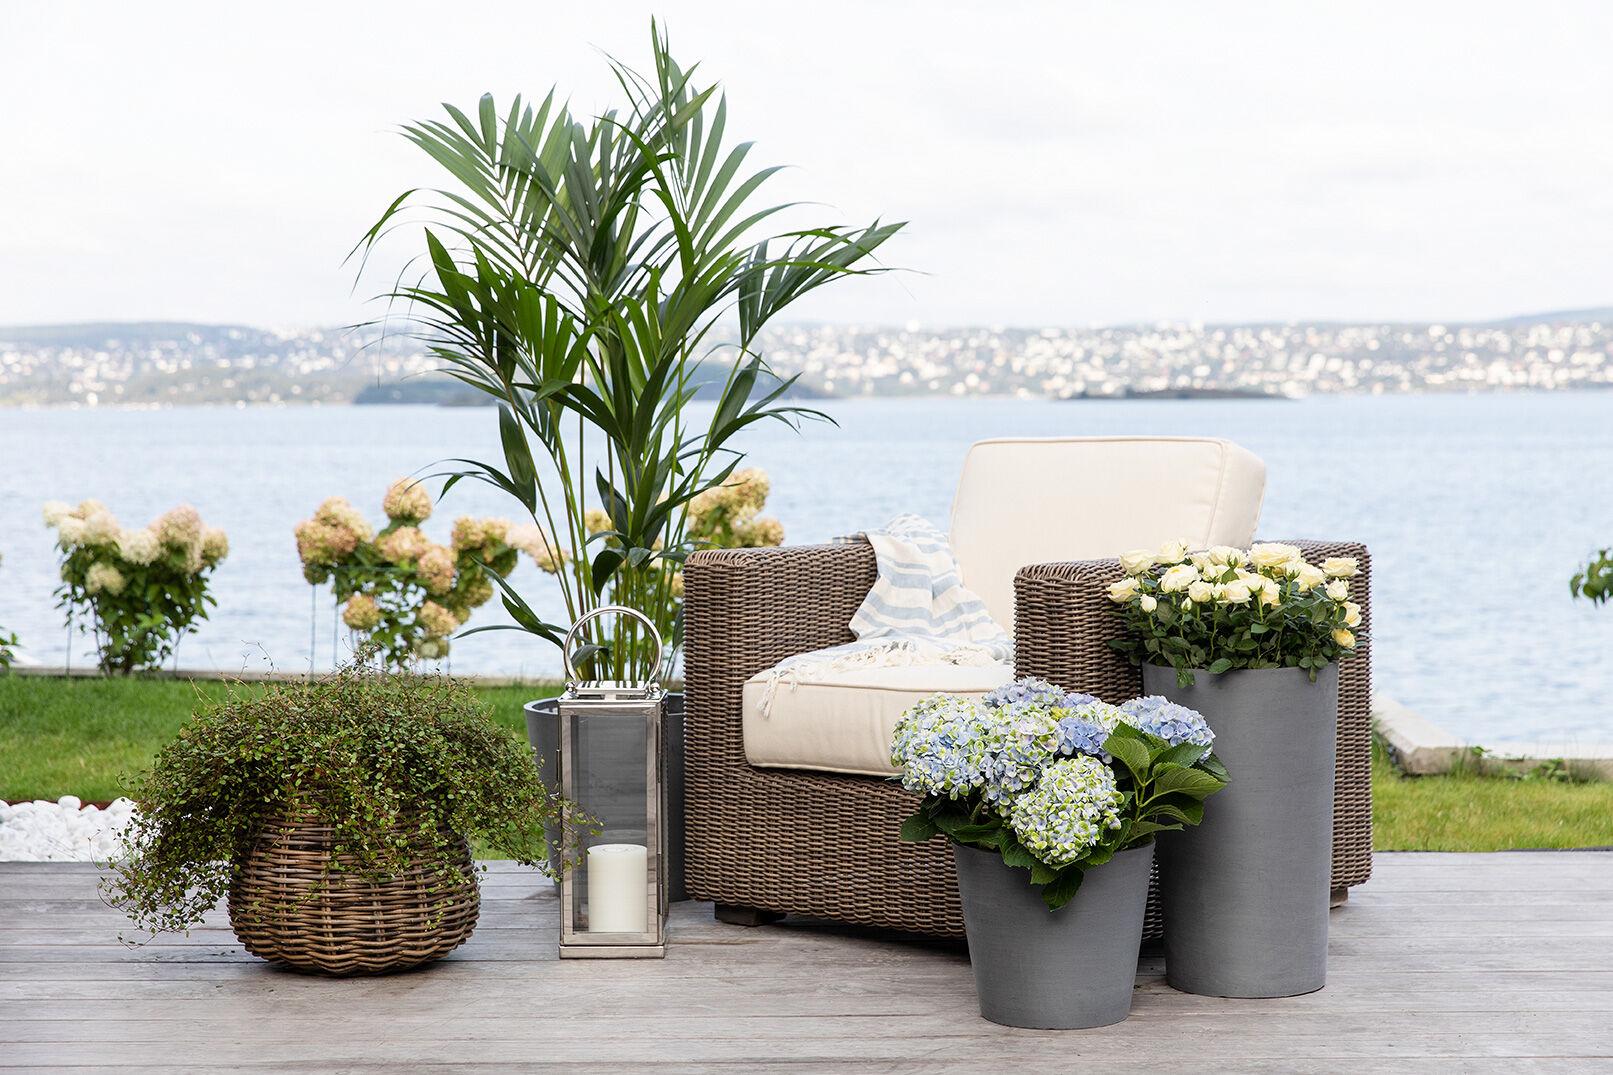 grønne planter og sommerblomster er fint å kombinere